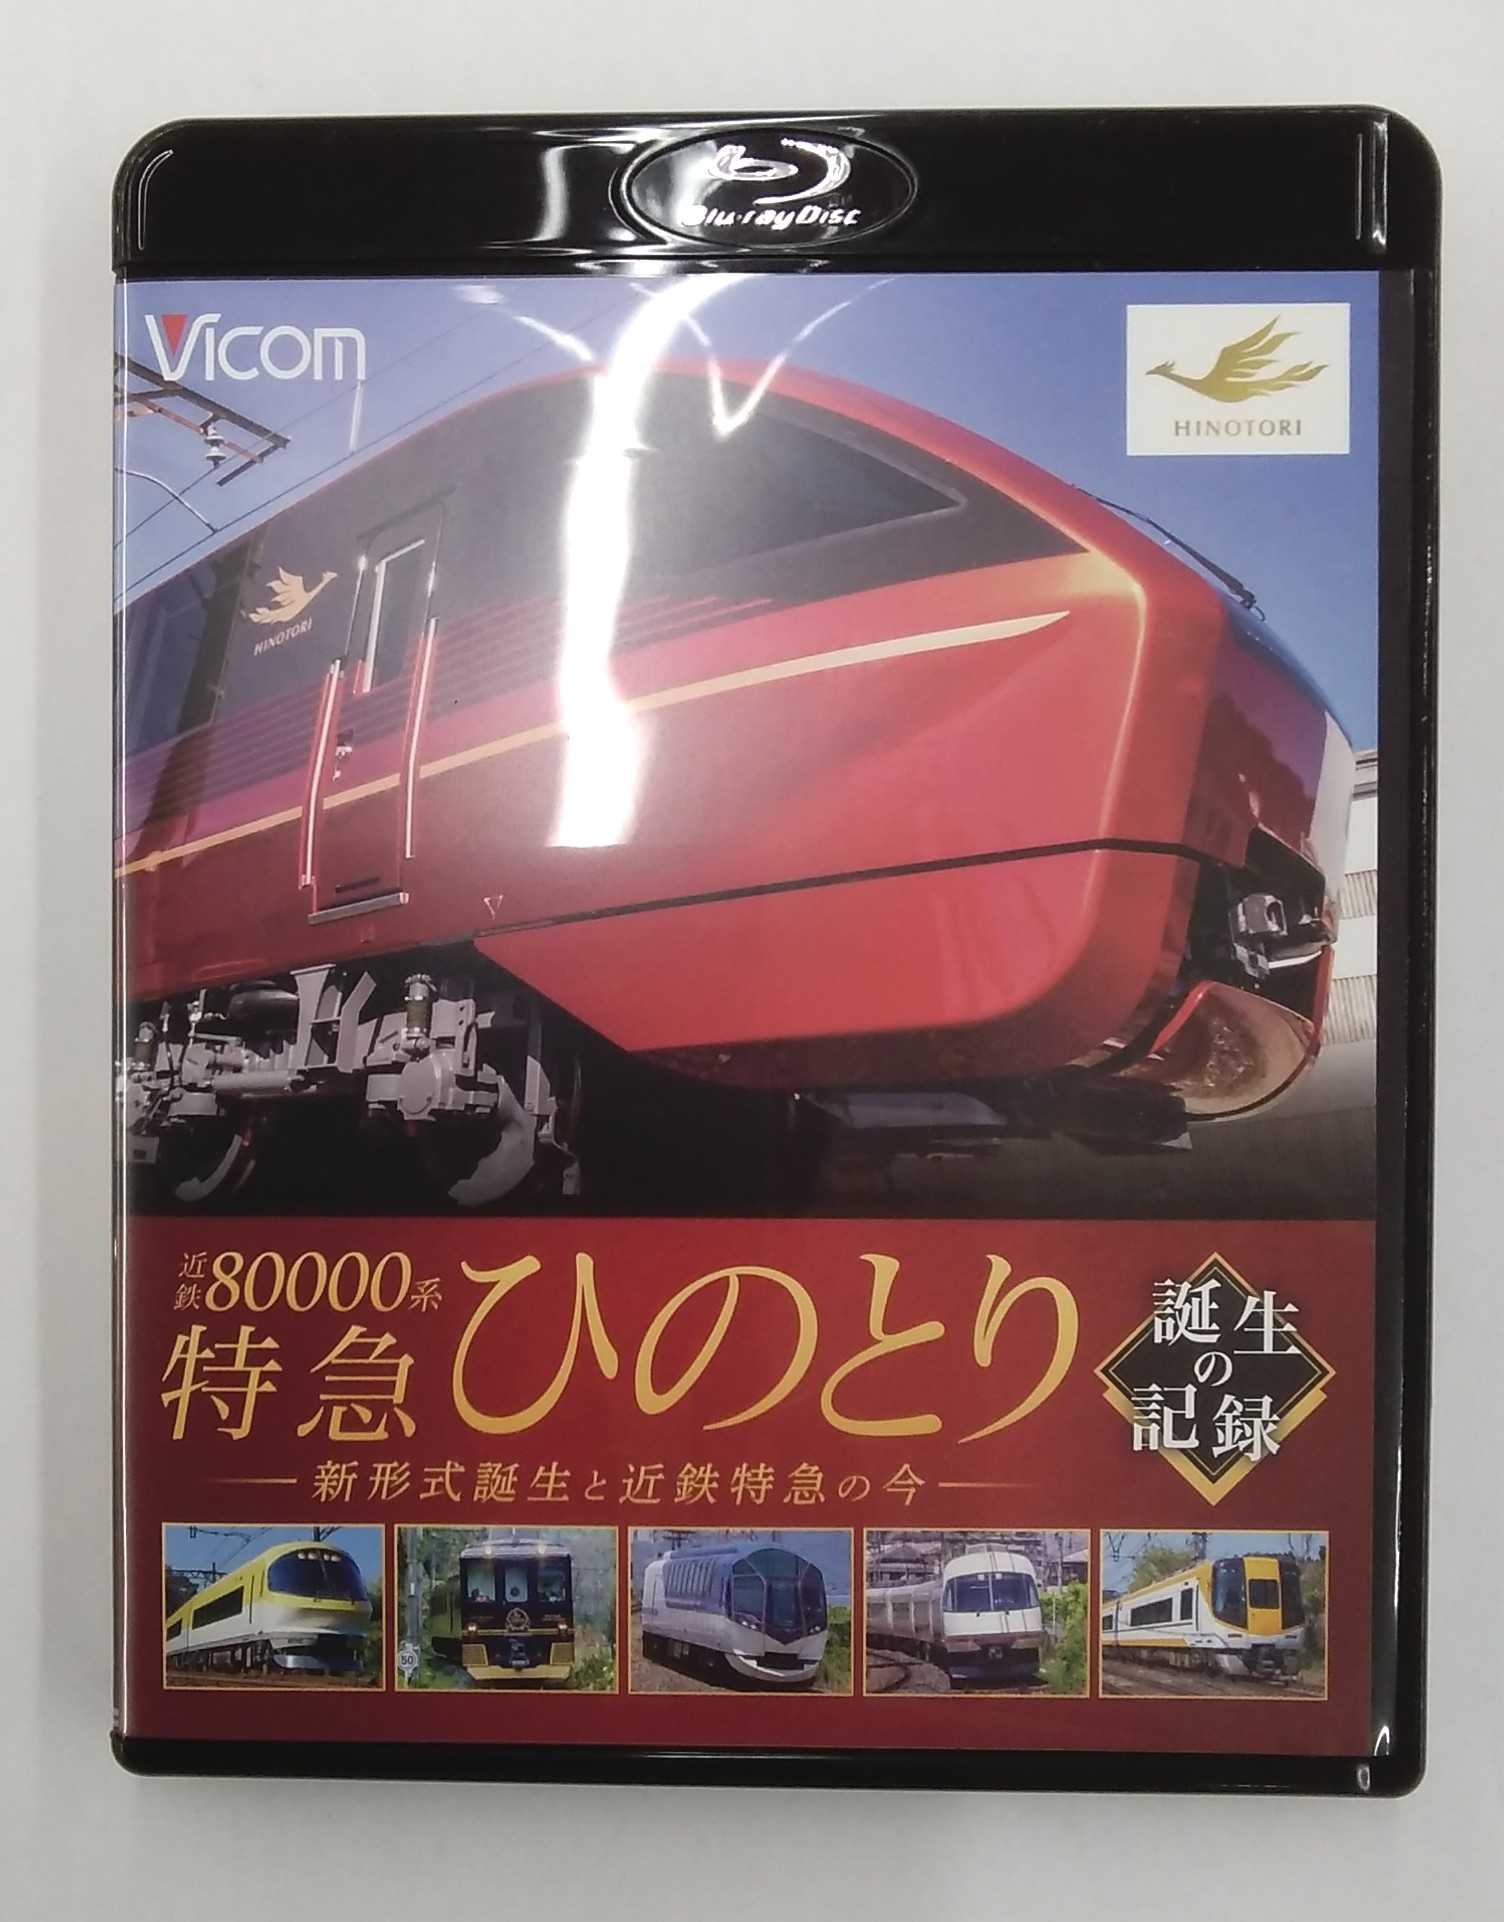 近鉄80000系 特急ひのとり 誕生の記録 VICOM